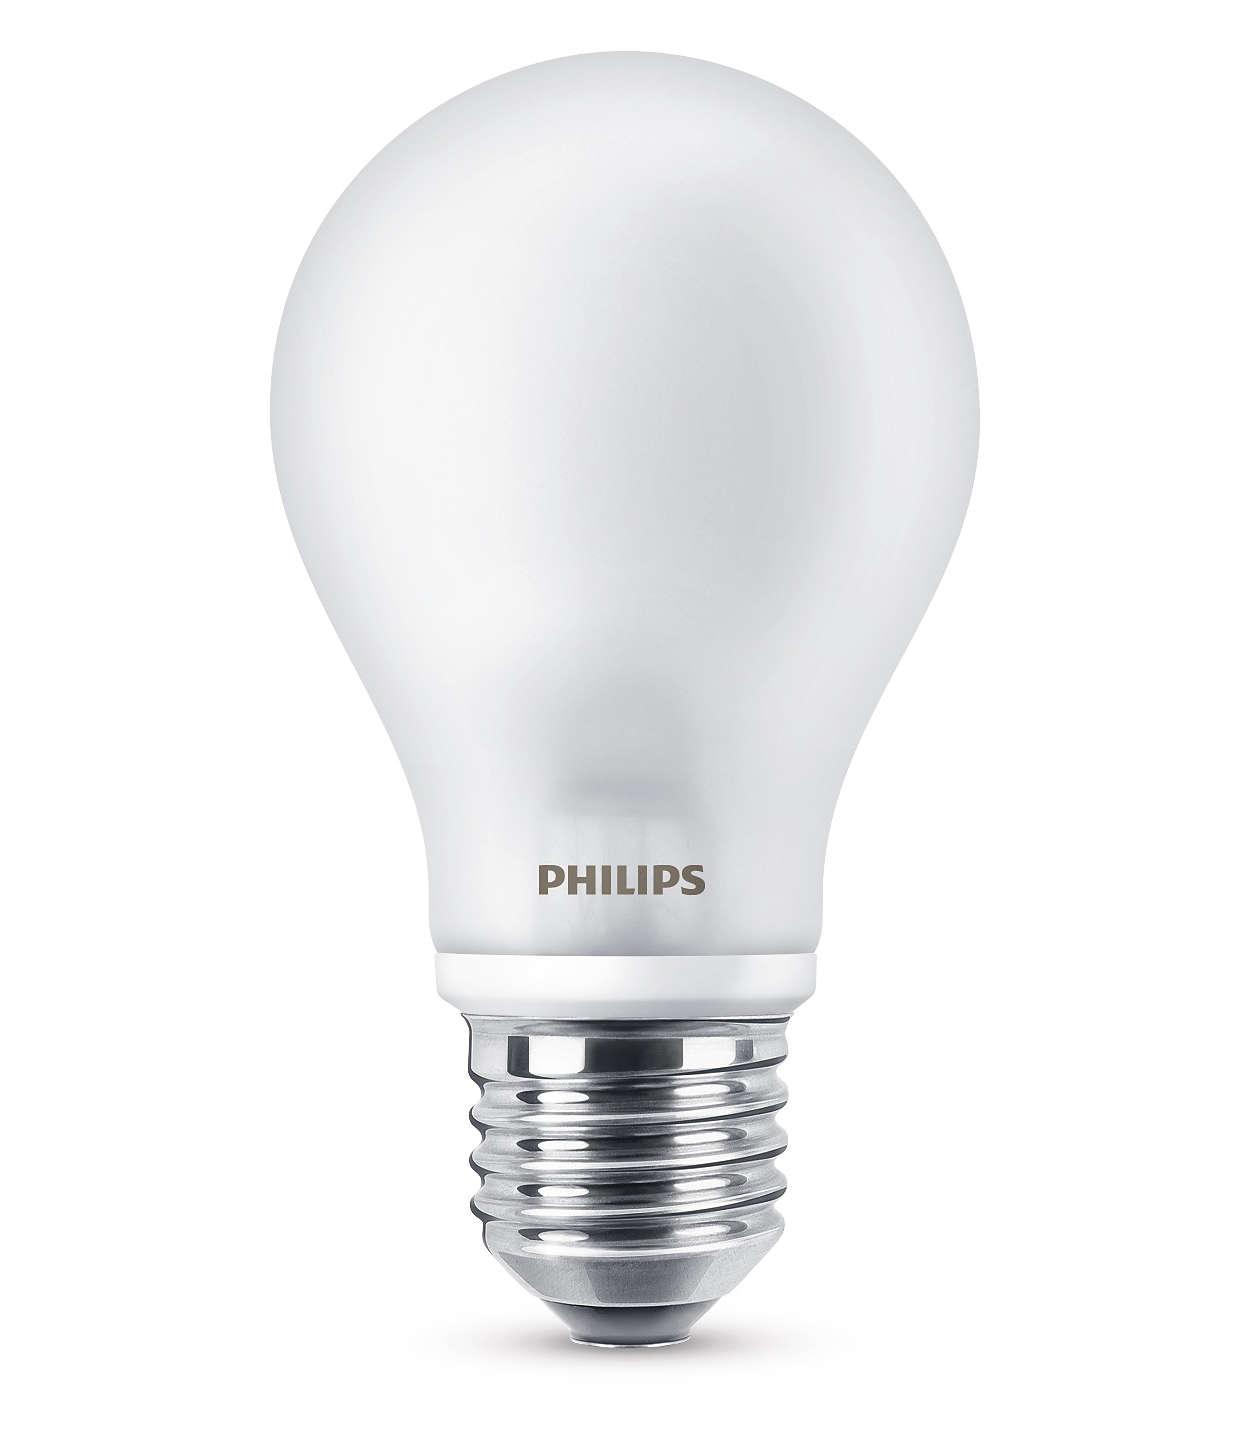 Tai LED, tai klasika